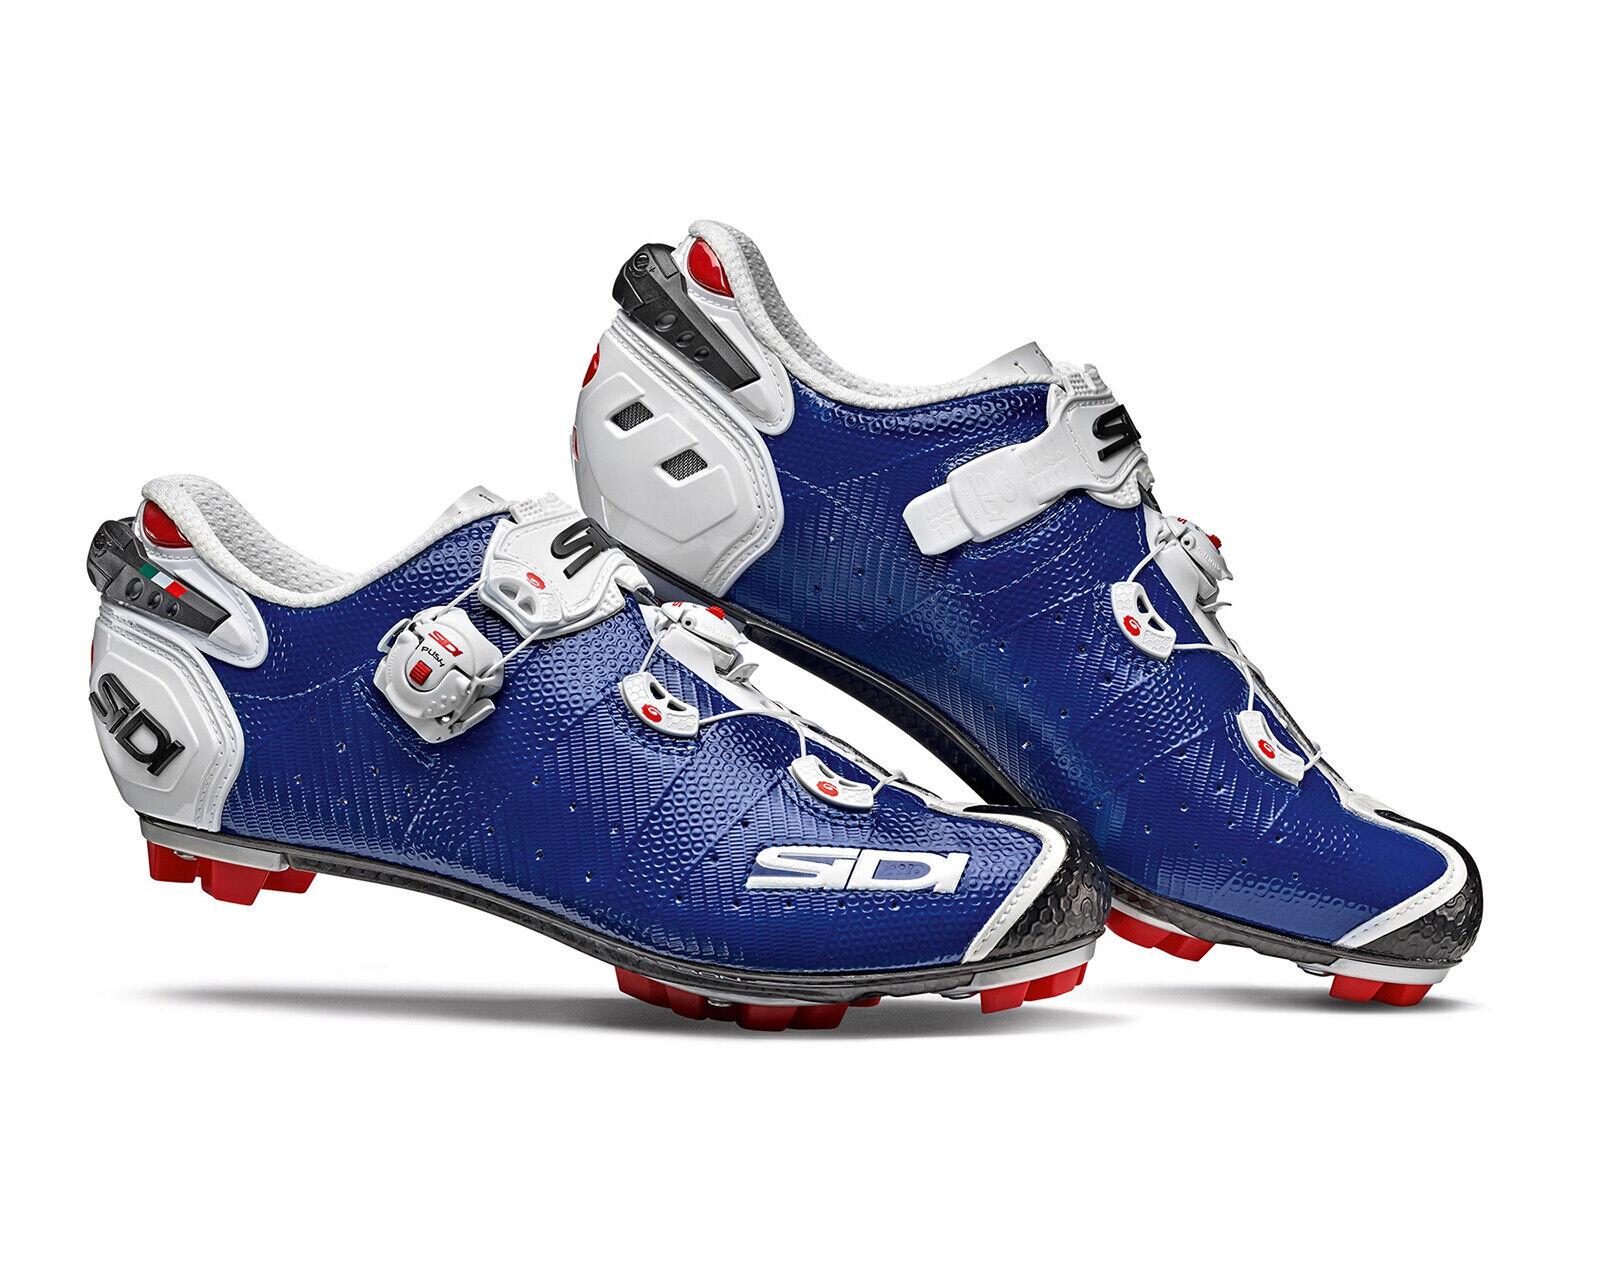 SIDI Drako  2 SRS Cycling shoes 2019 - bluee White [Size  3847 EUR]  zero profit